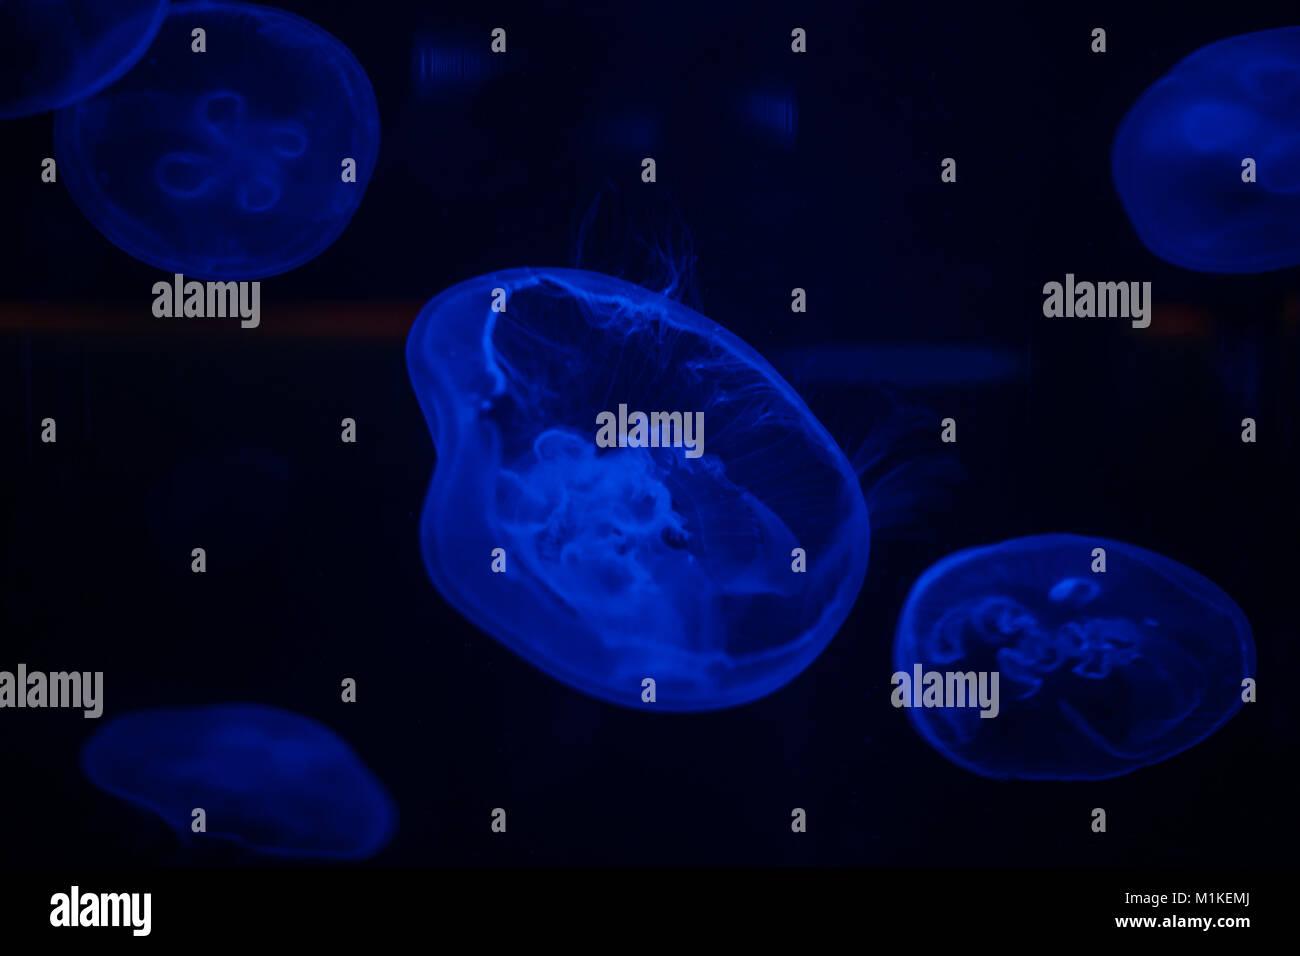 Close up image d'une lune méduses dans un aquarium sous feux bleus Photo Stock